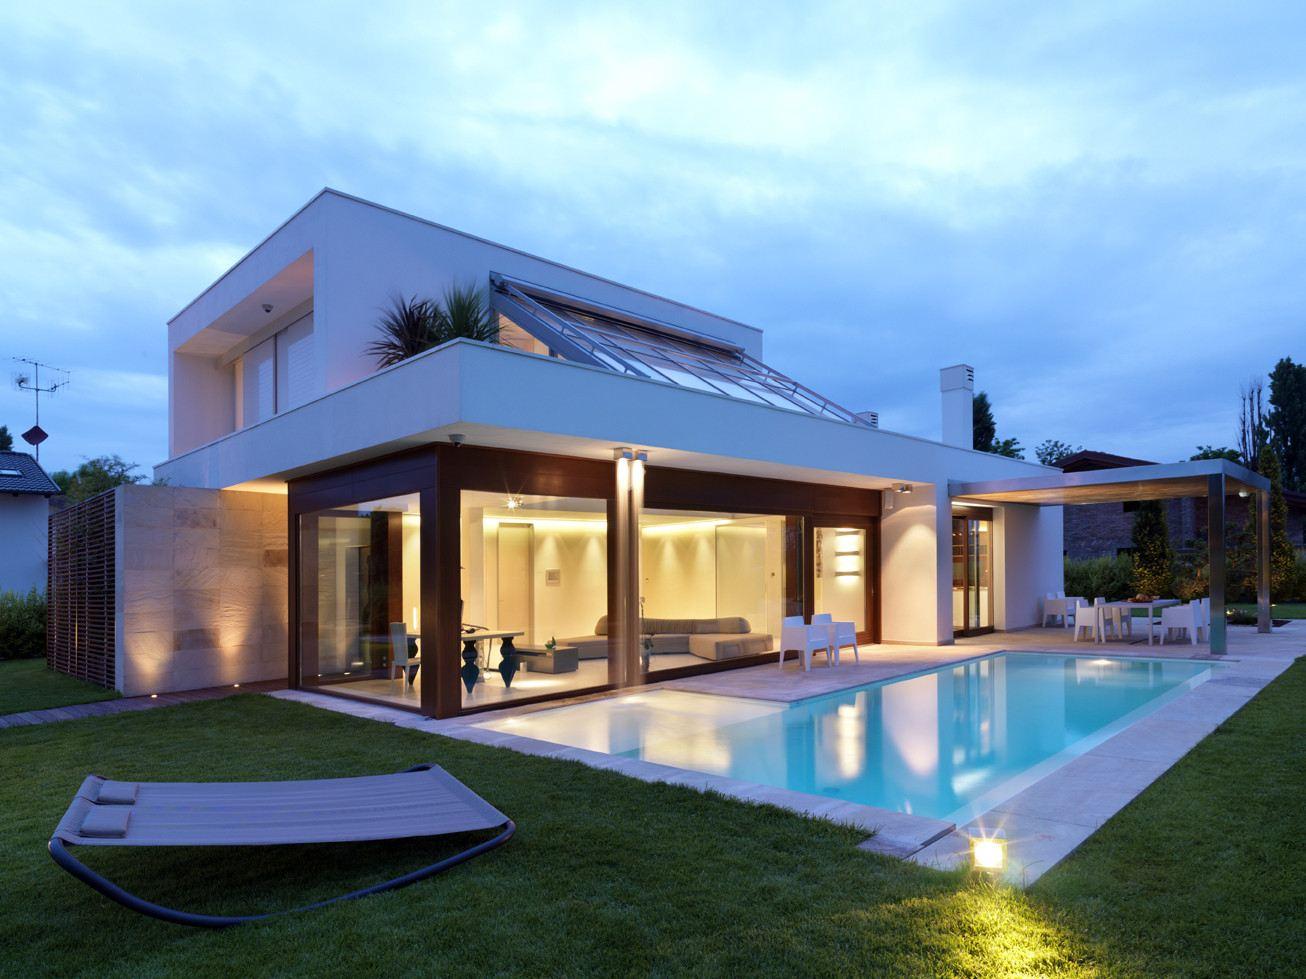 La casa della luce a bologna for Arredo luce bologna